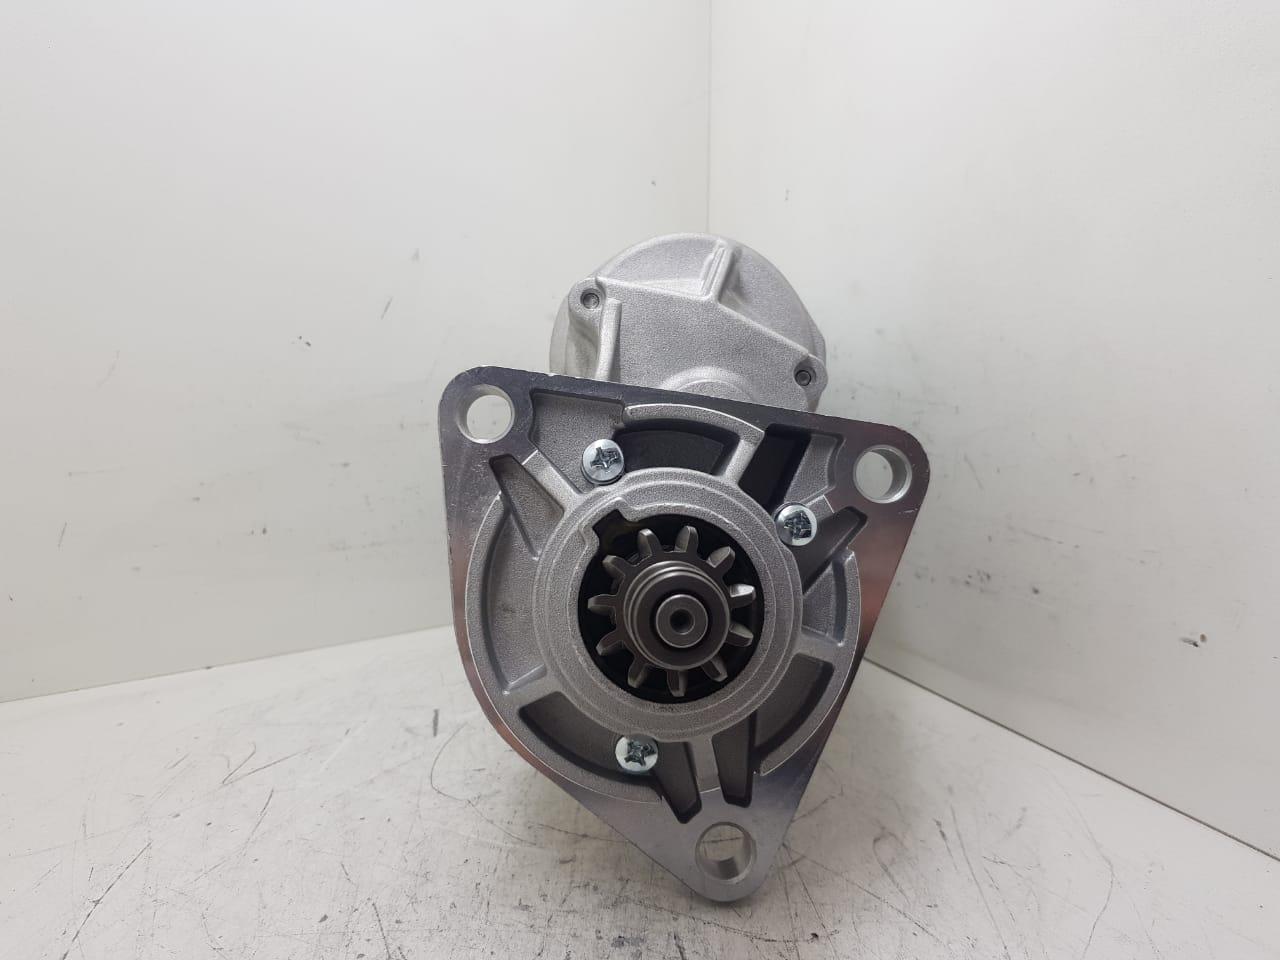 Motor De Partida ARRANQUE 24v 11 dentes NIKKO Xcmg 210 Case Cx225 Jcb Com Motor Isuzu 0240003261 1811004013 0280006201 0280006202 0280006203 D 20573 AEC17159